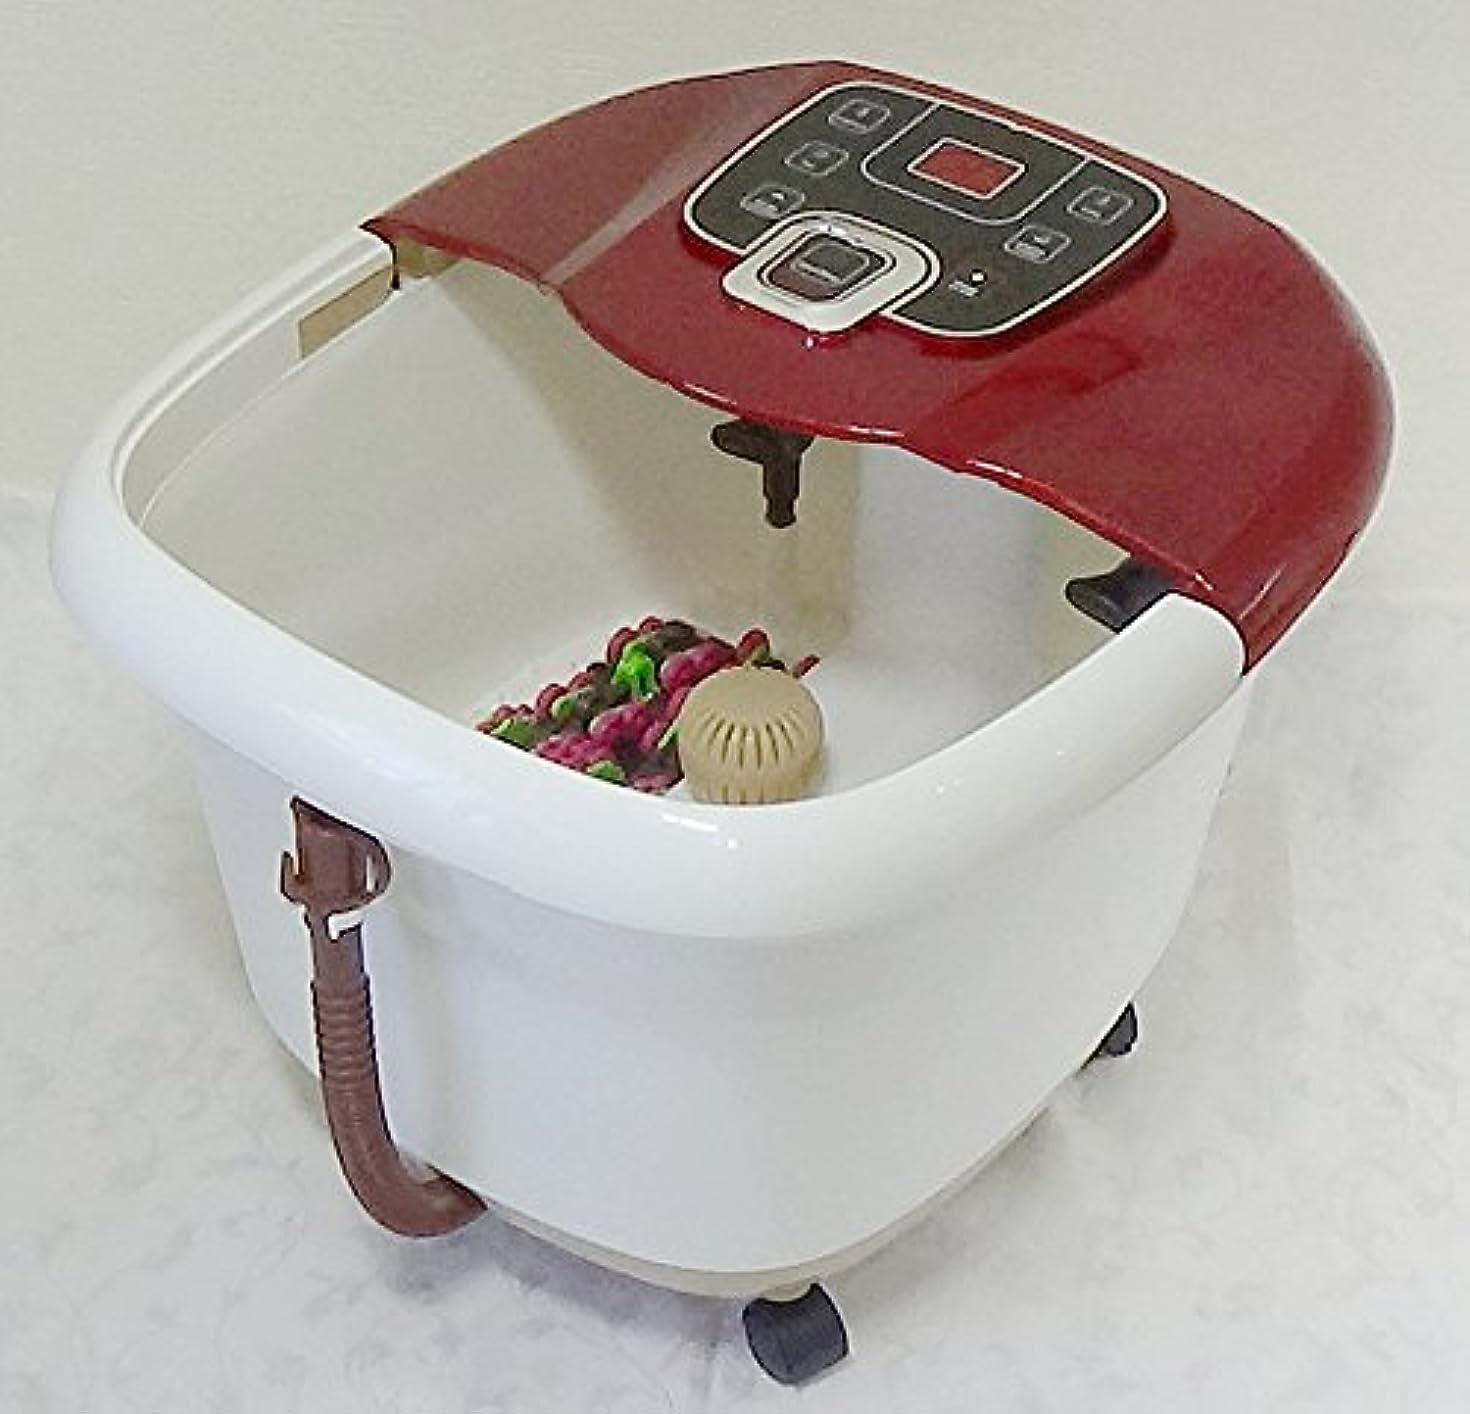 エンディング取り組む添加足湯器 Foot Spa マカナ 足裏マッサージローラー付 温度設定&水循環型